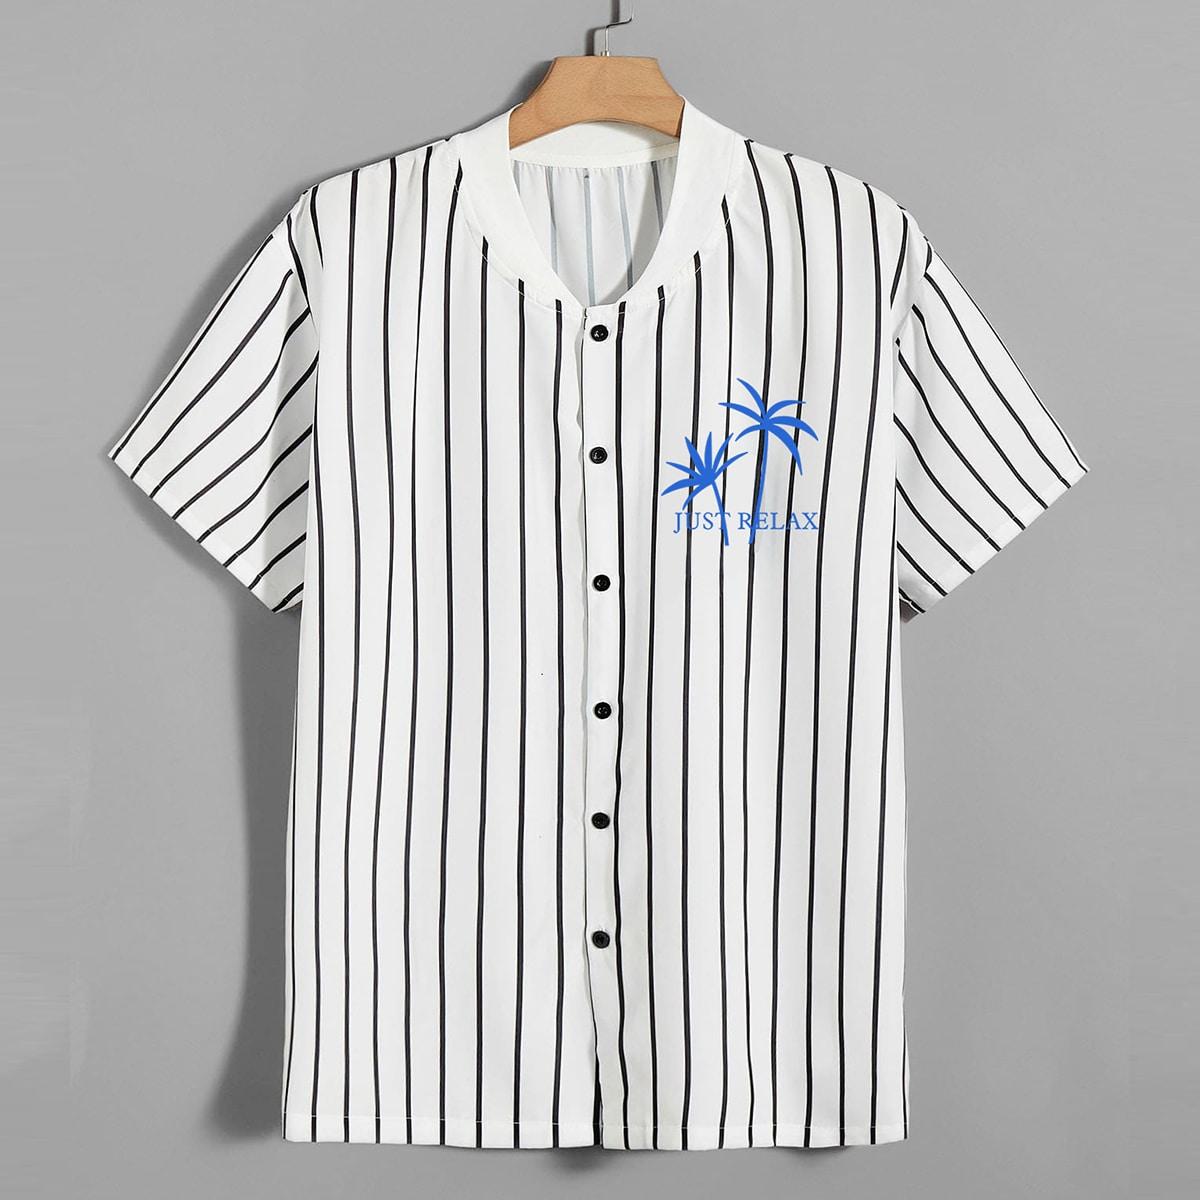 Пуговица буква Полосатый Повседневный Мужские рубашки